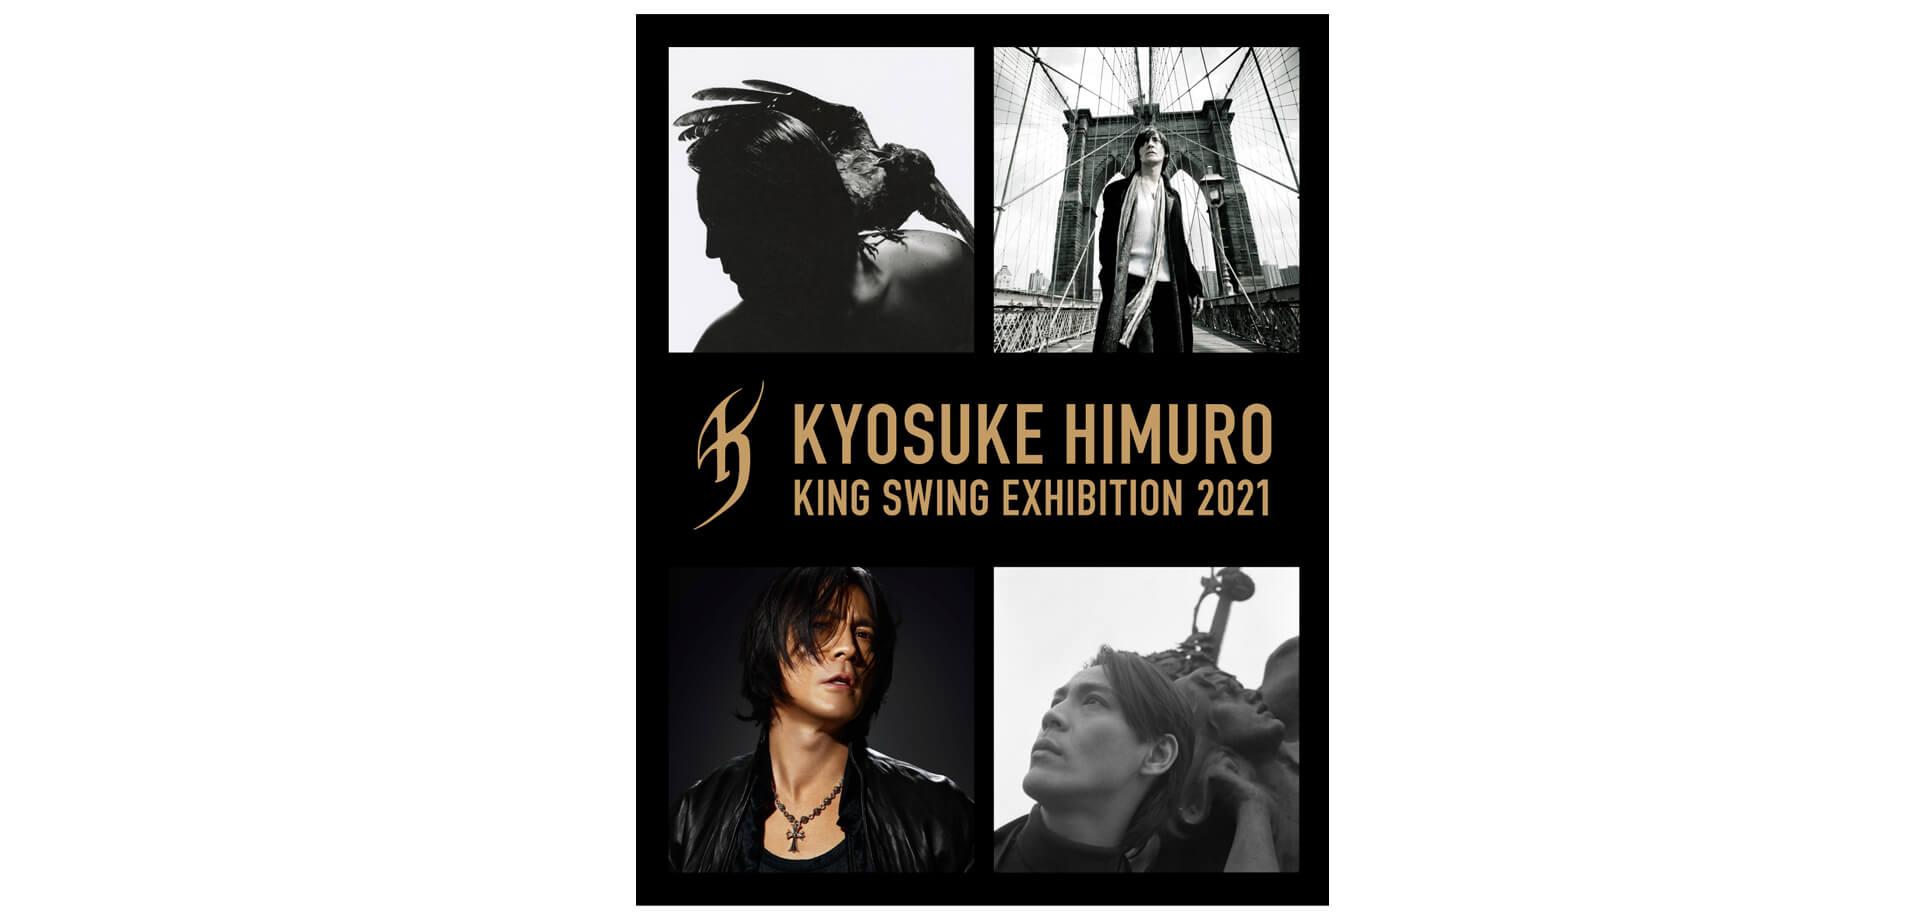 氷室京介エキシビジョン「KYOSUKE HIMURO KING SWING EXHIBITION 2021」